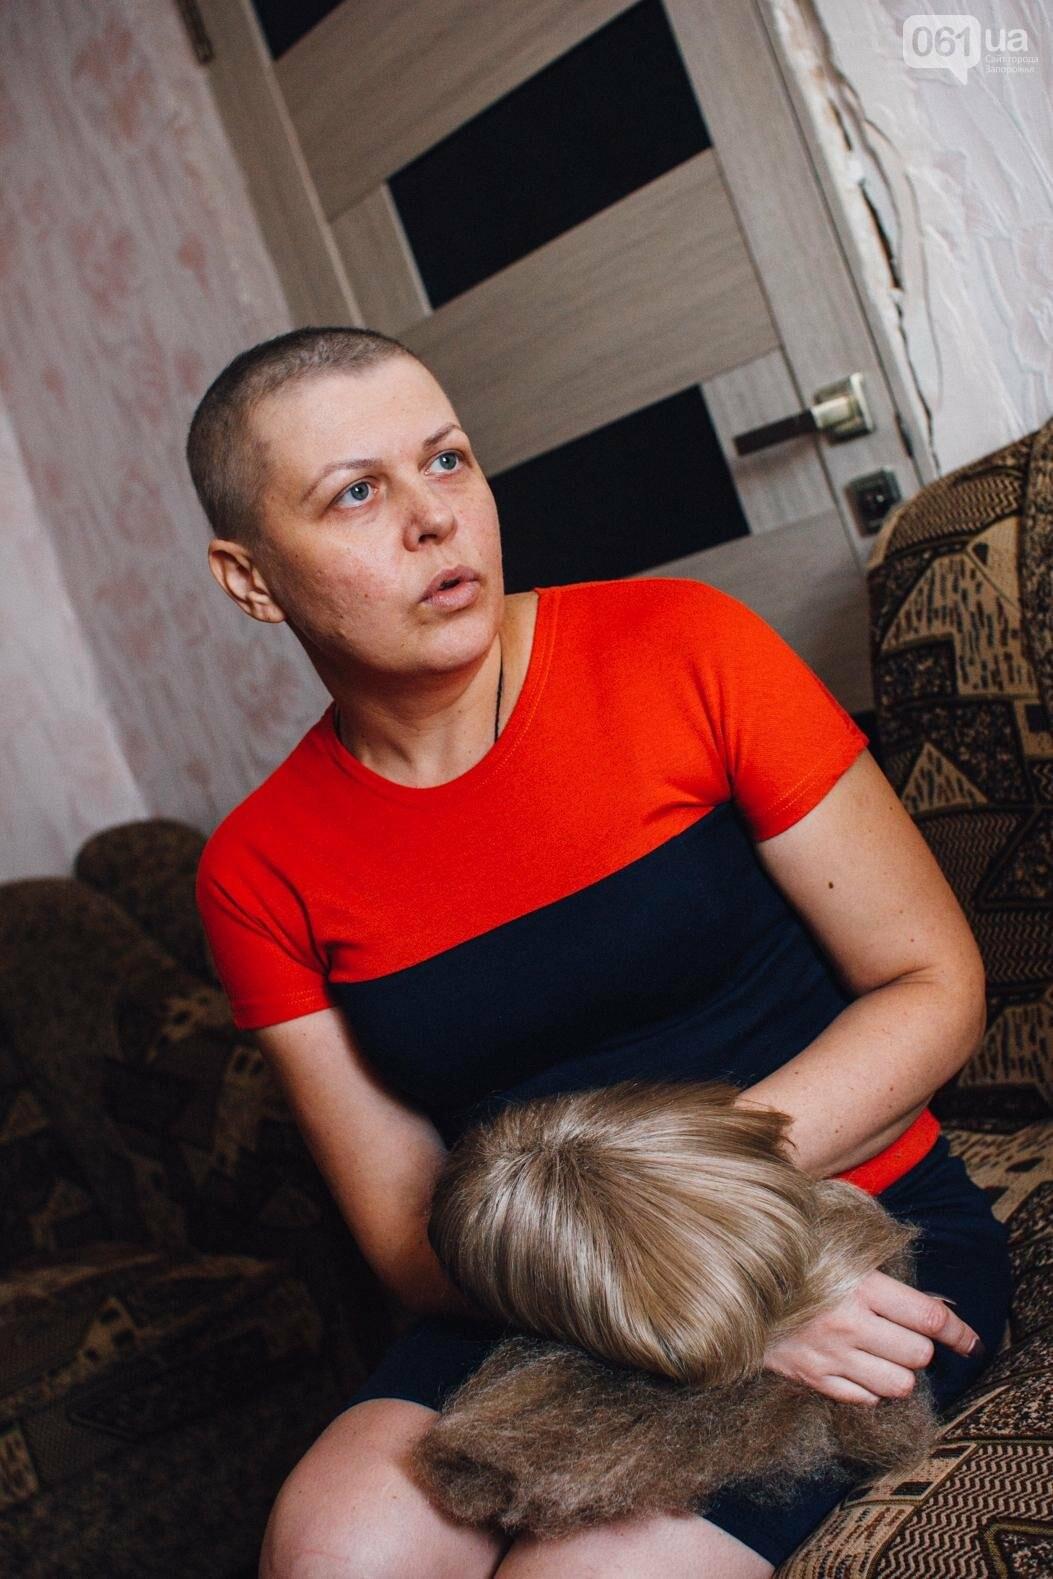 Последний шаг для Оли: как запорожанка проходила химиотерапию между сменами на заводе, фото-3